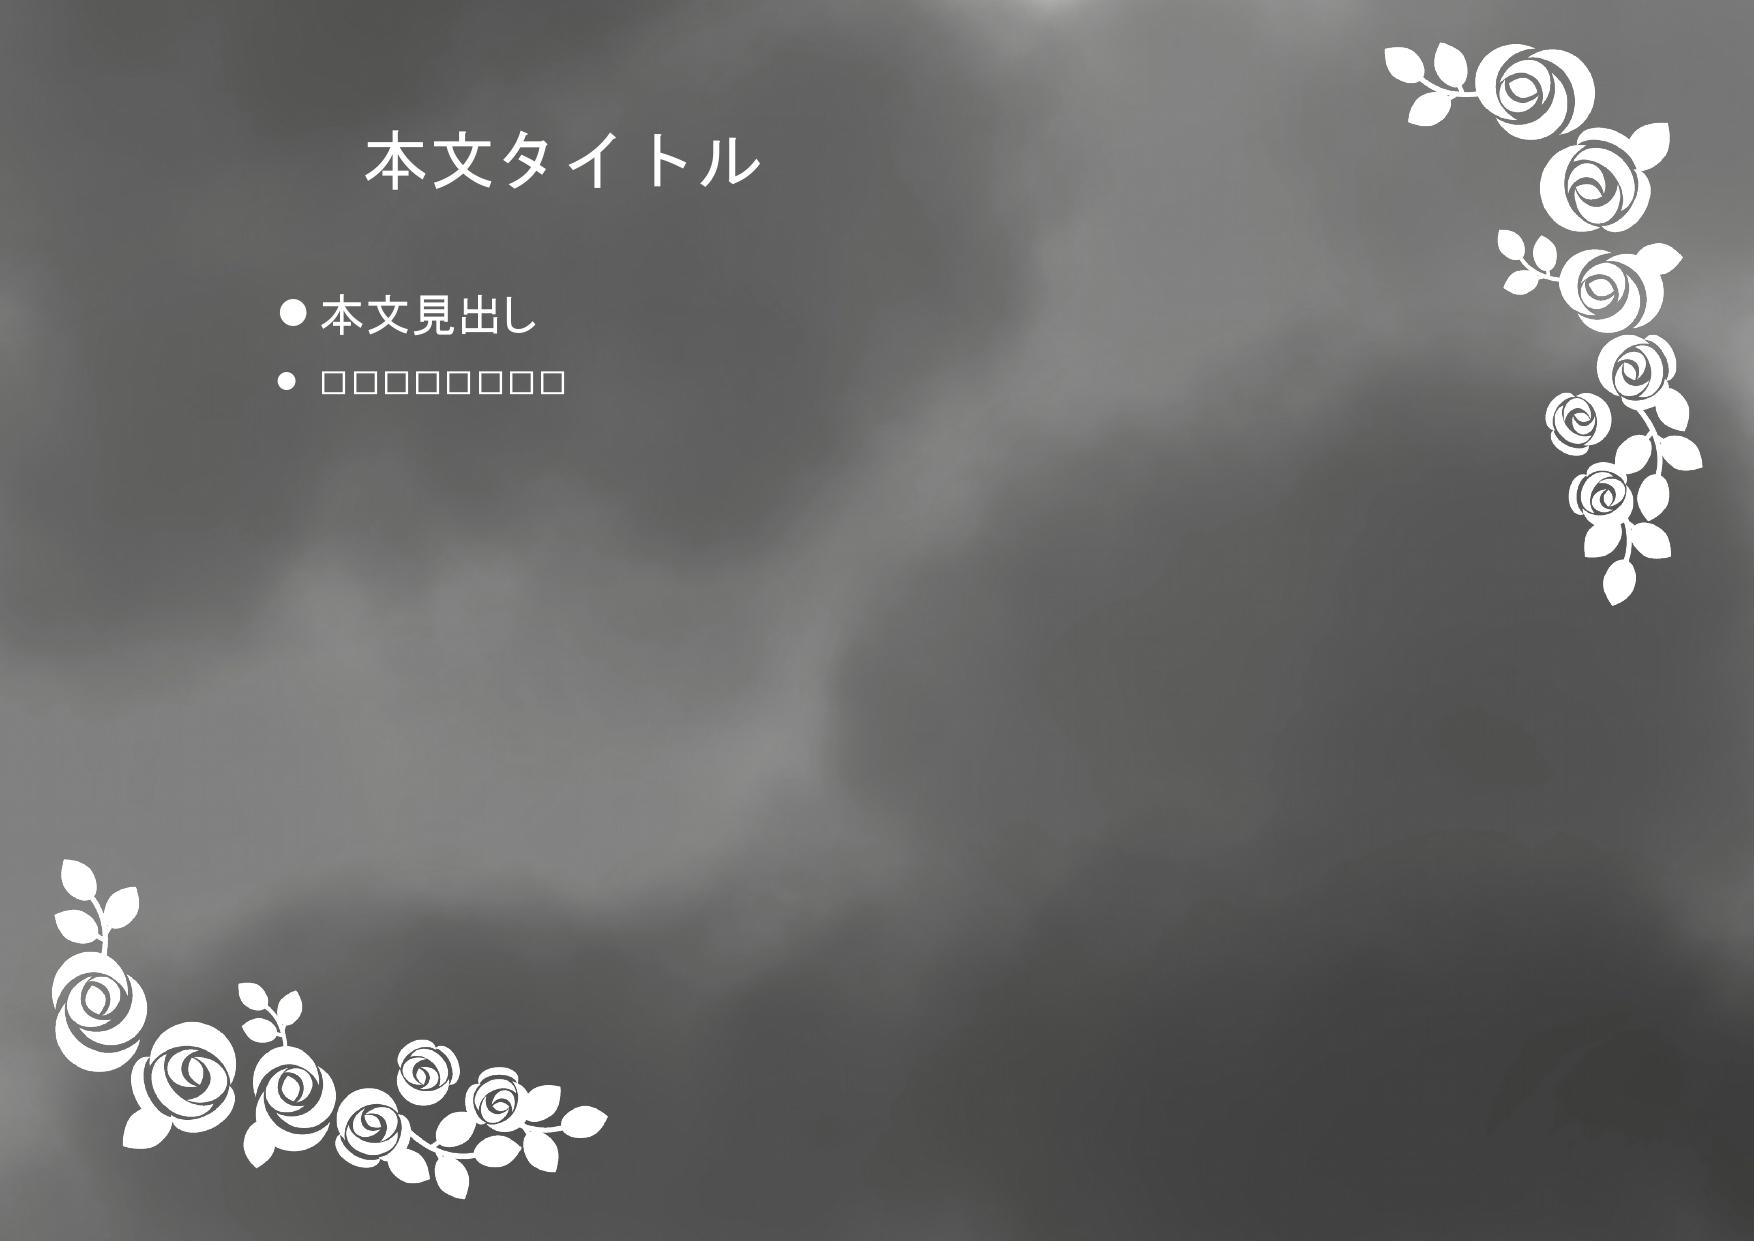 薔薇の花の背景「ブラック」の二ページ目